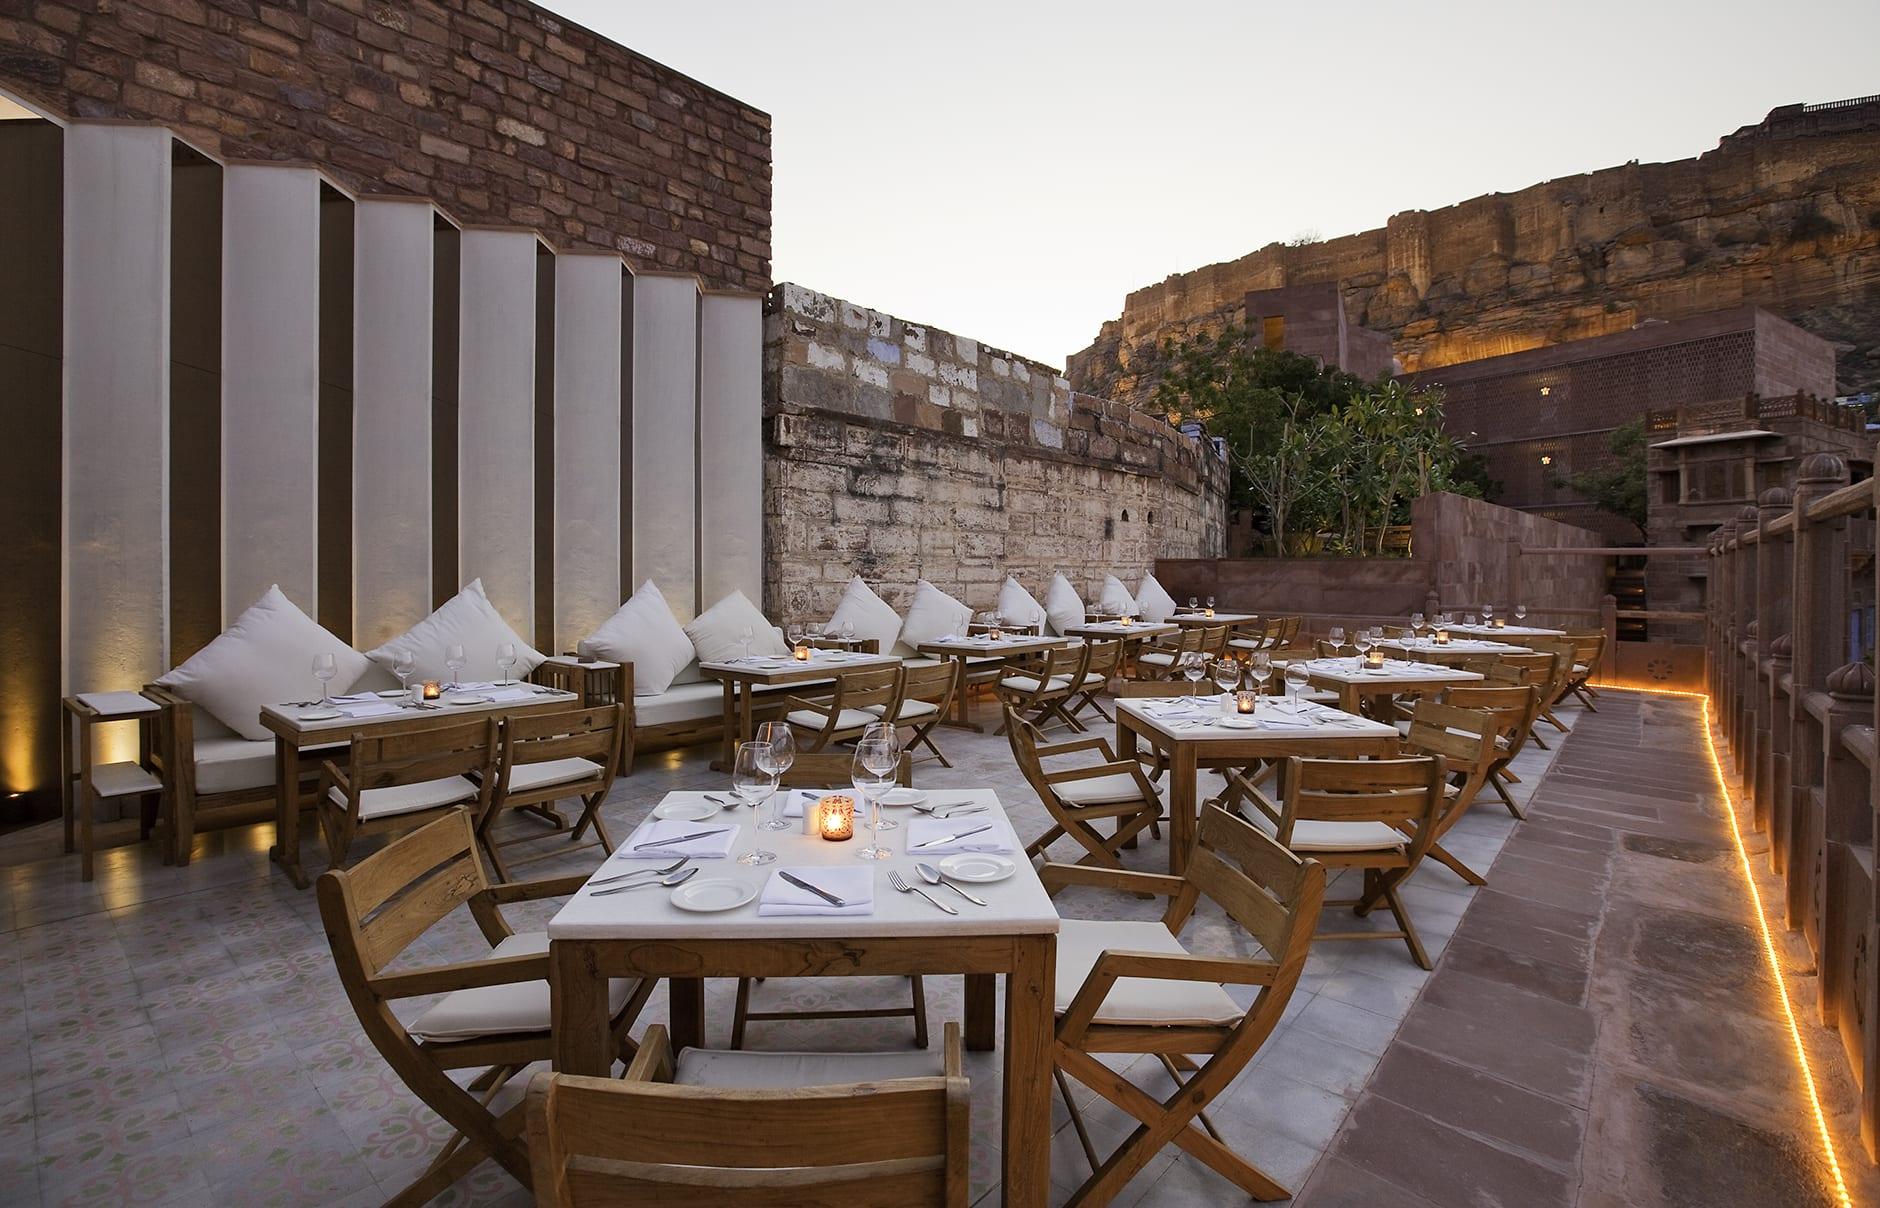 Darikhana Restaurant. Raas Jodhpur, India. © Rass